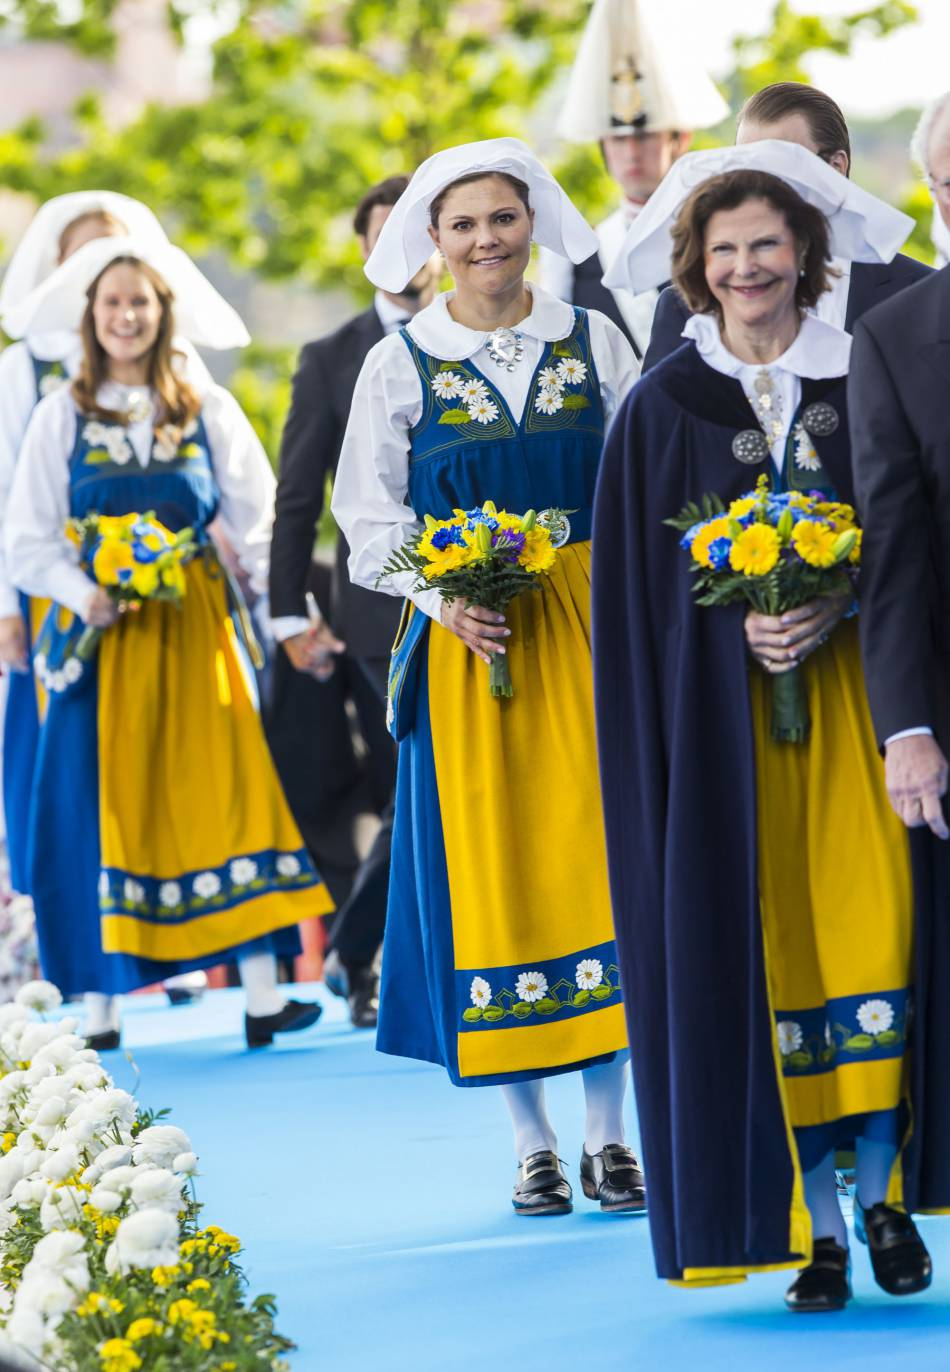 Les femmes de la famille royale de Suède ont revêtu l'habit traditionnel.